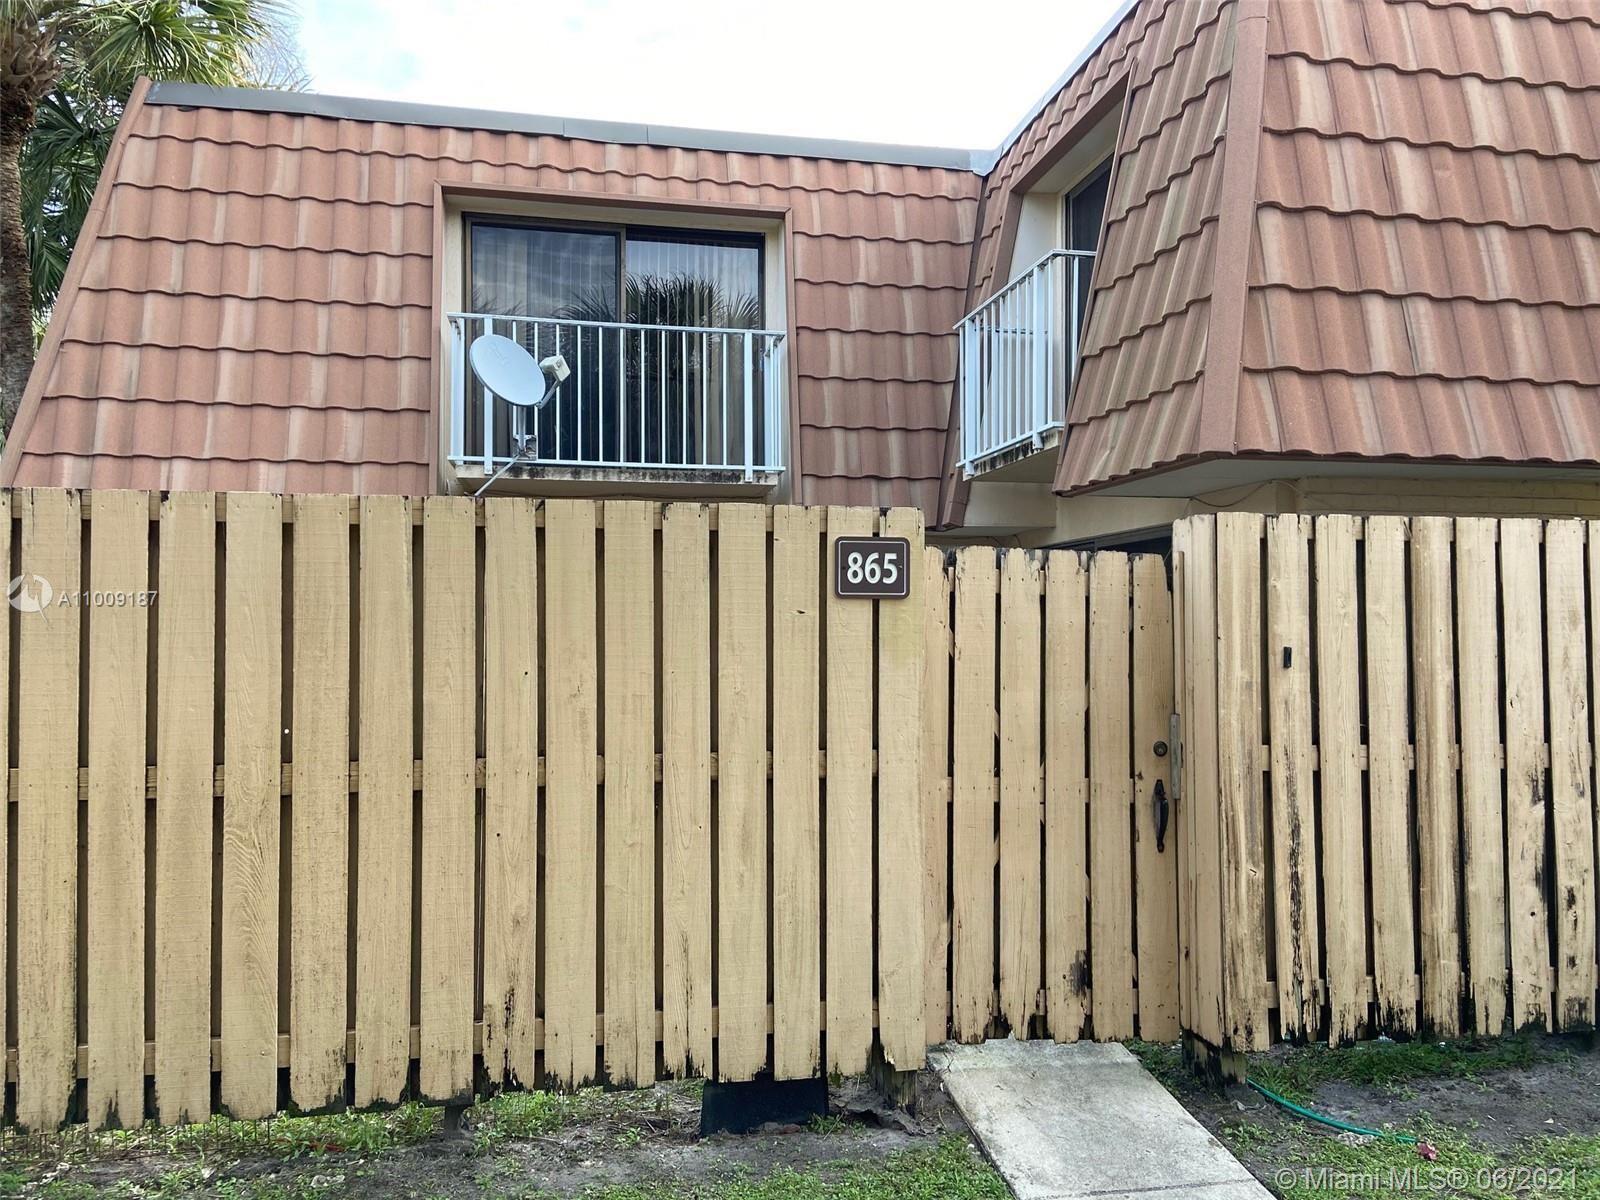 Photo of 865 Blue Ridge Cir #865, West Palm Beach, FL 33409 (MLS # A11009187)